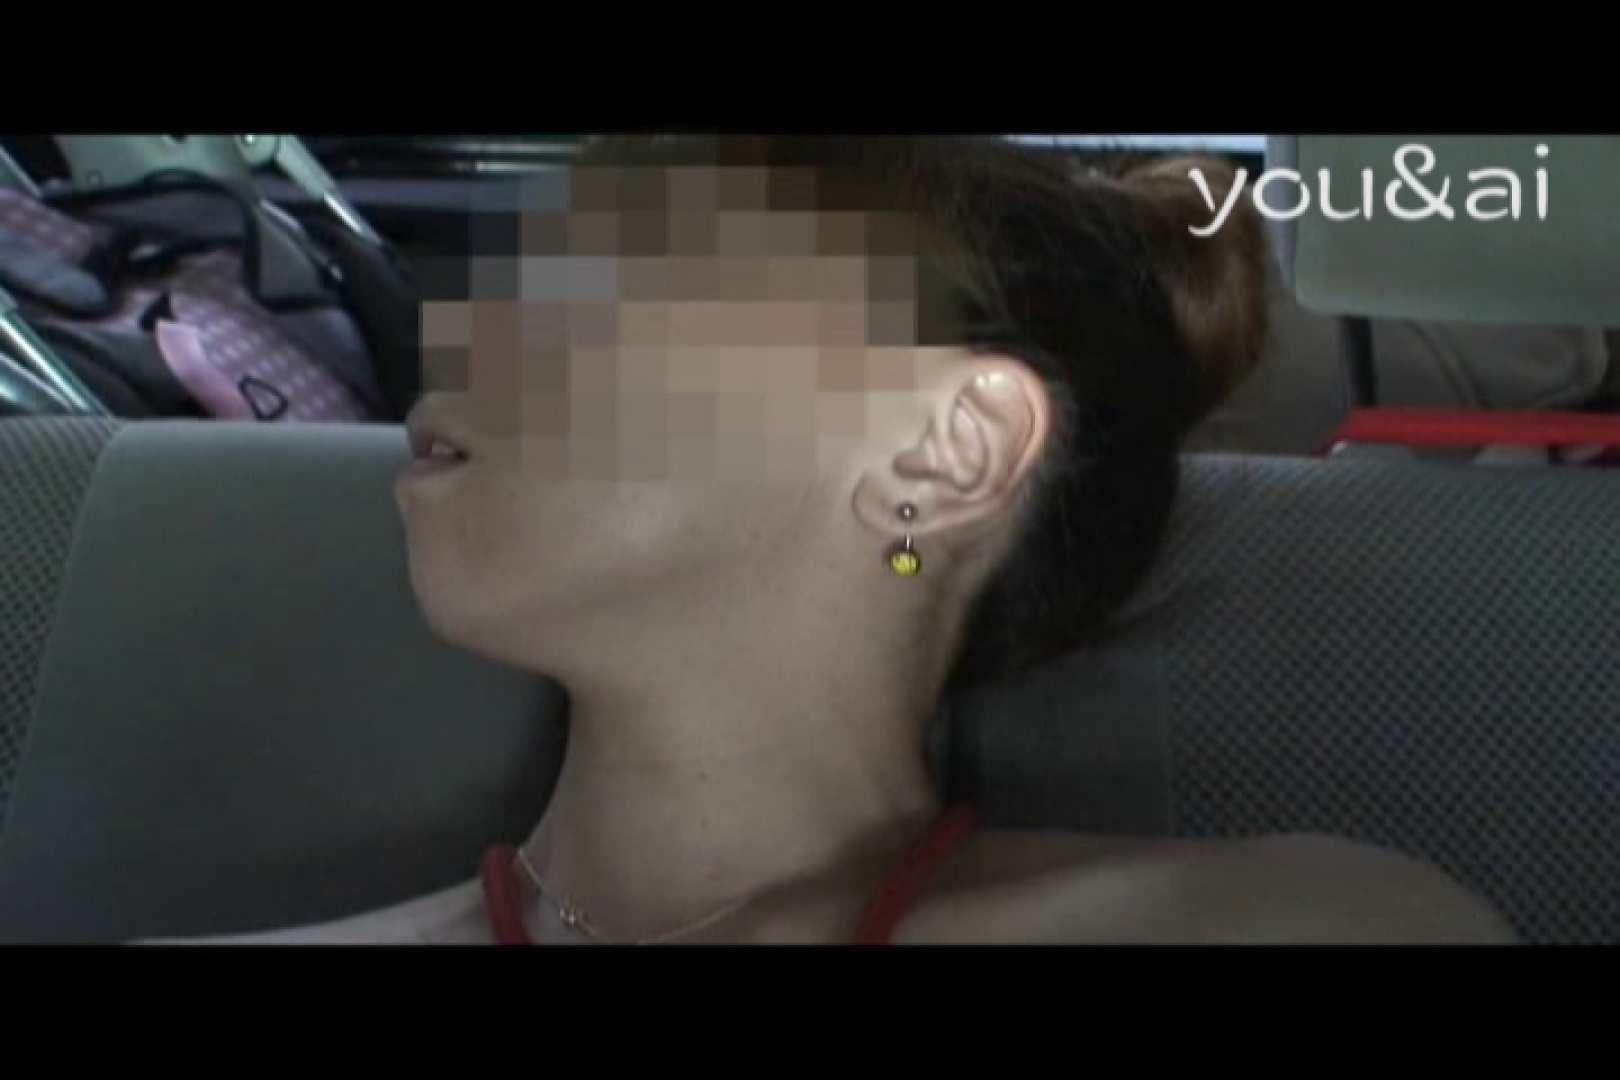 おしどり夫婦のyou&aiさん投稿作品vol.4 SEX映像 盗撮画像 71pic 28